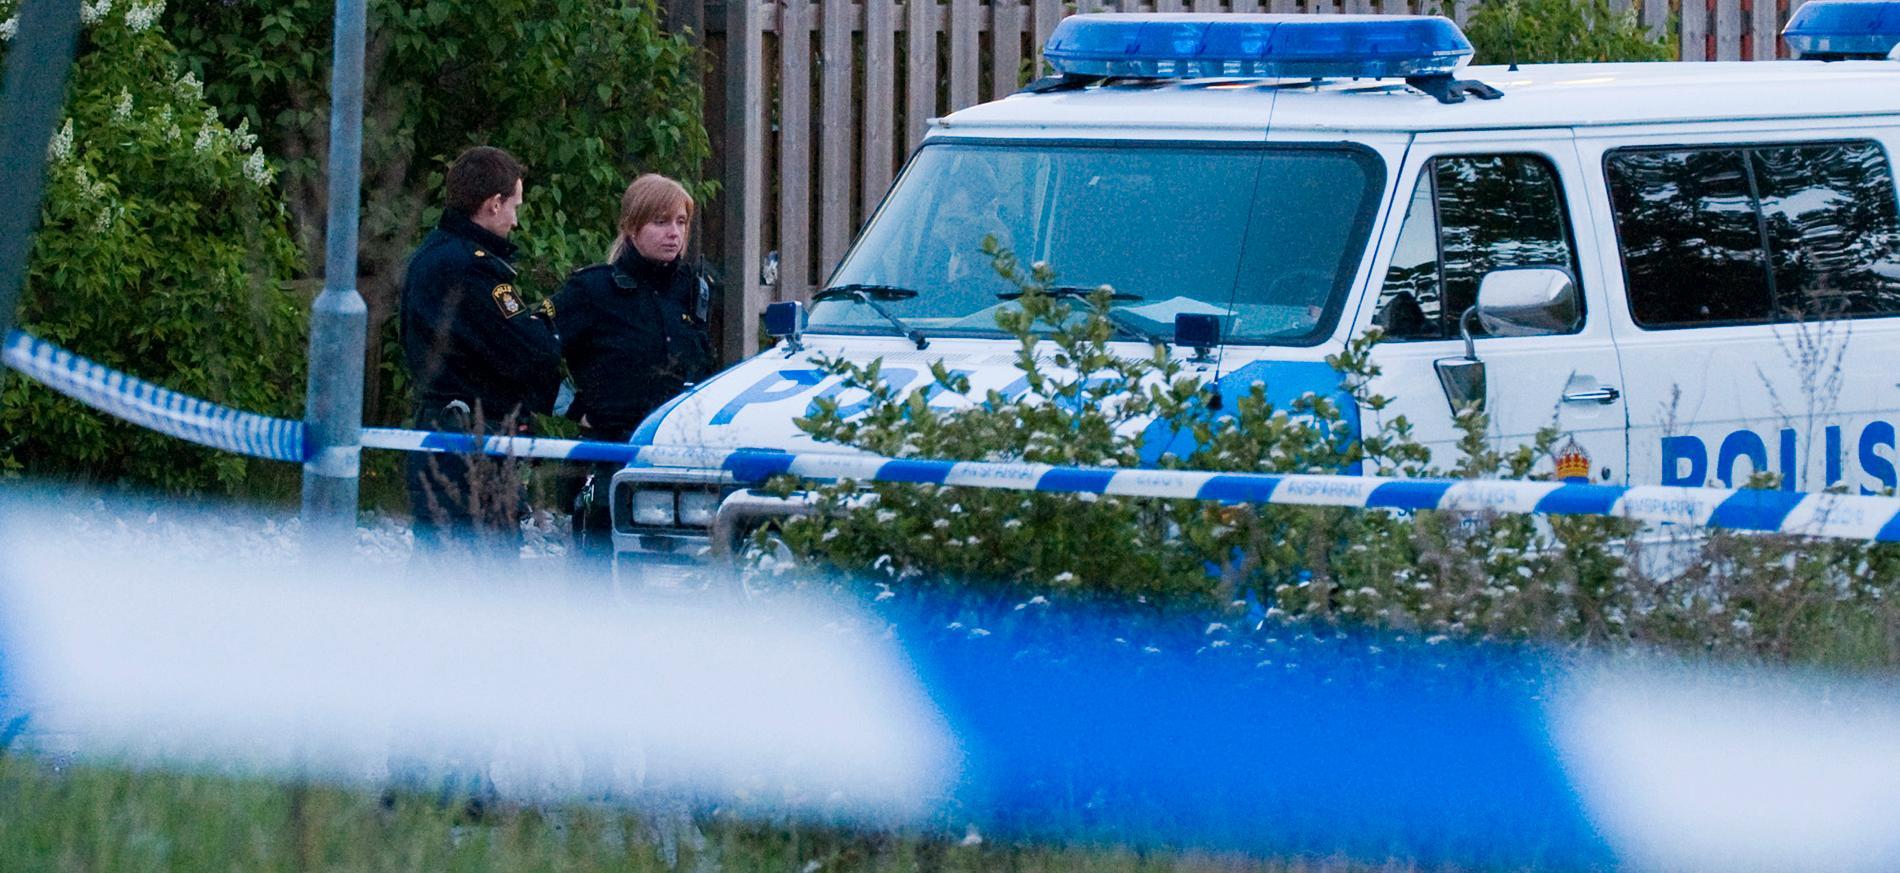 Polisen spärrar av efter en misstänkt våldtäkt. (Arkivbild)